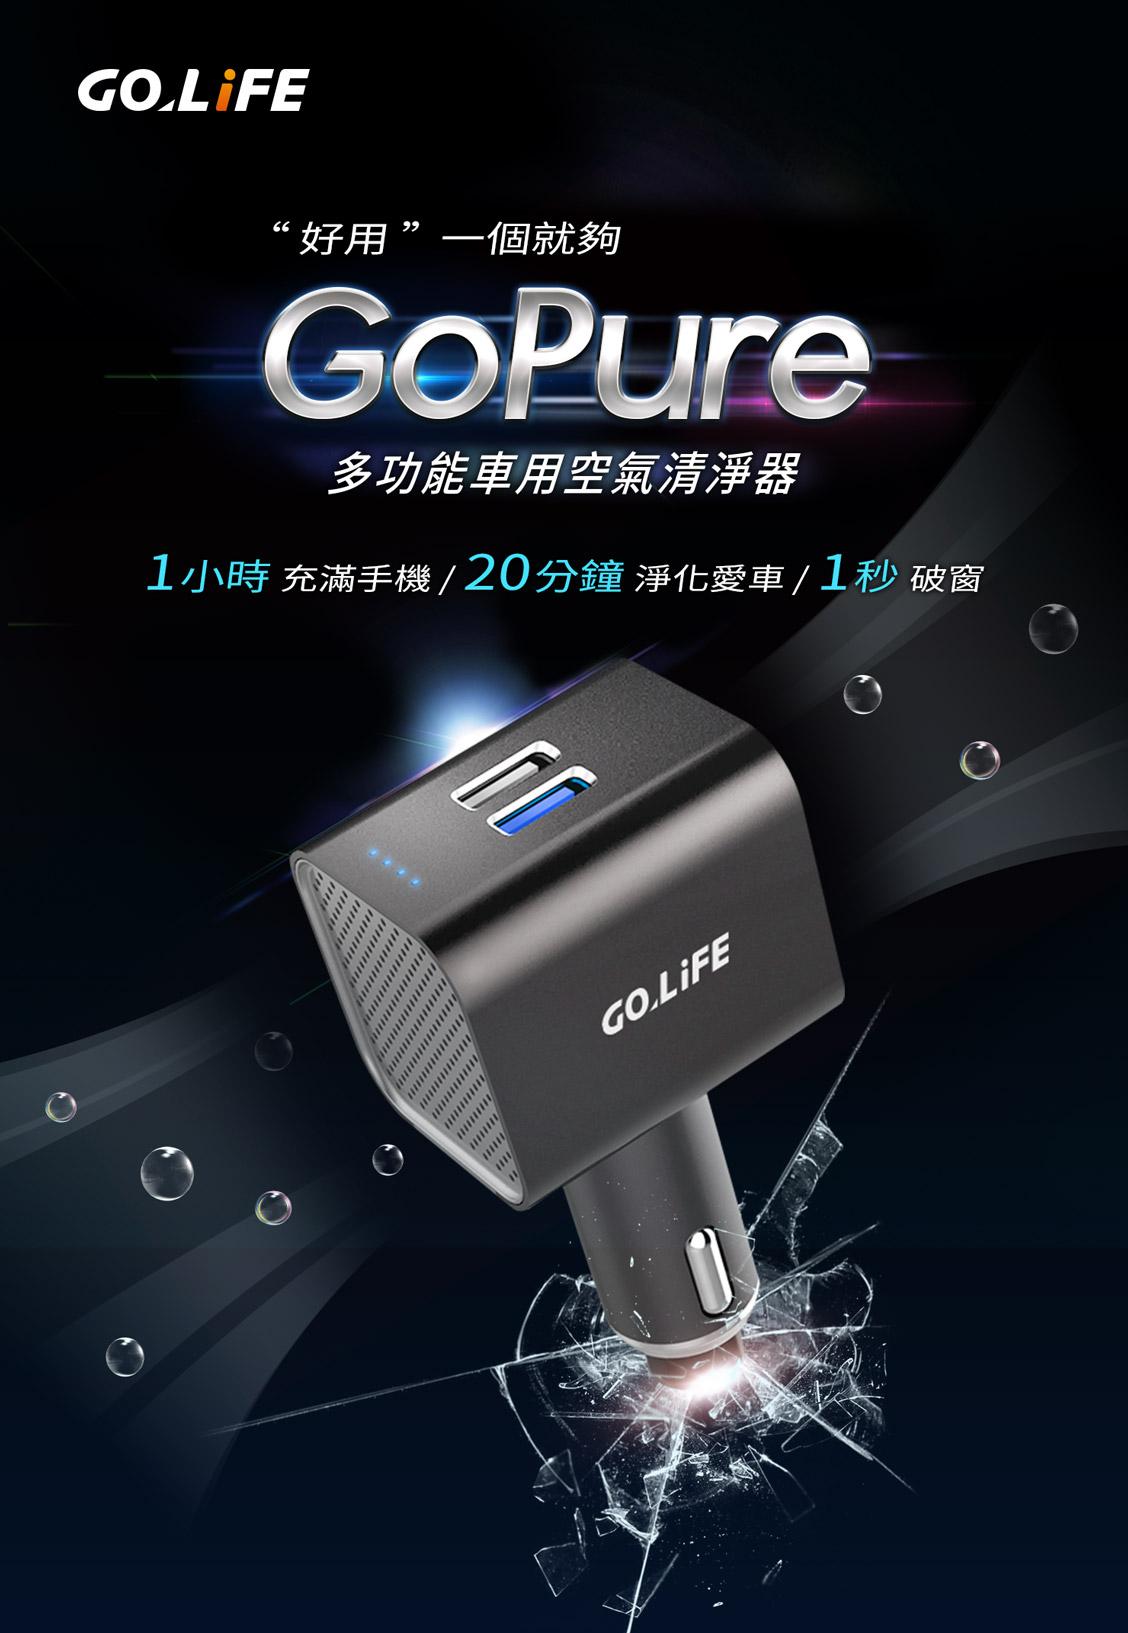 GoPure 多功能車用空氣清淨器:1 小時充滿手機 / 20 分鐘淨化愛車 / 1 秒破窗